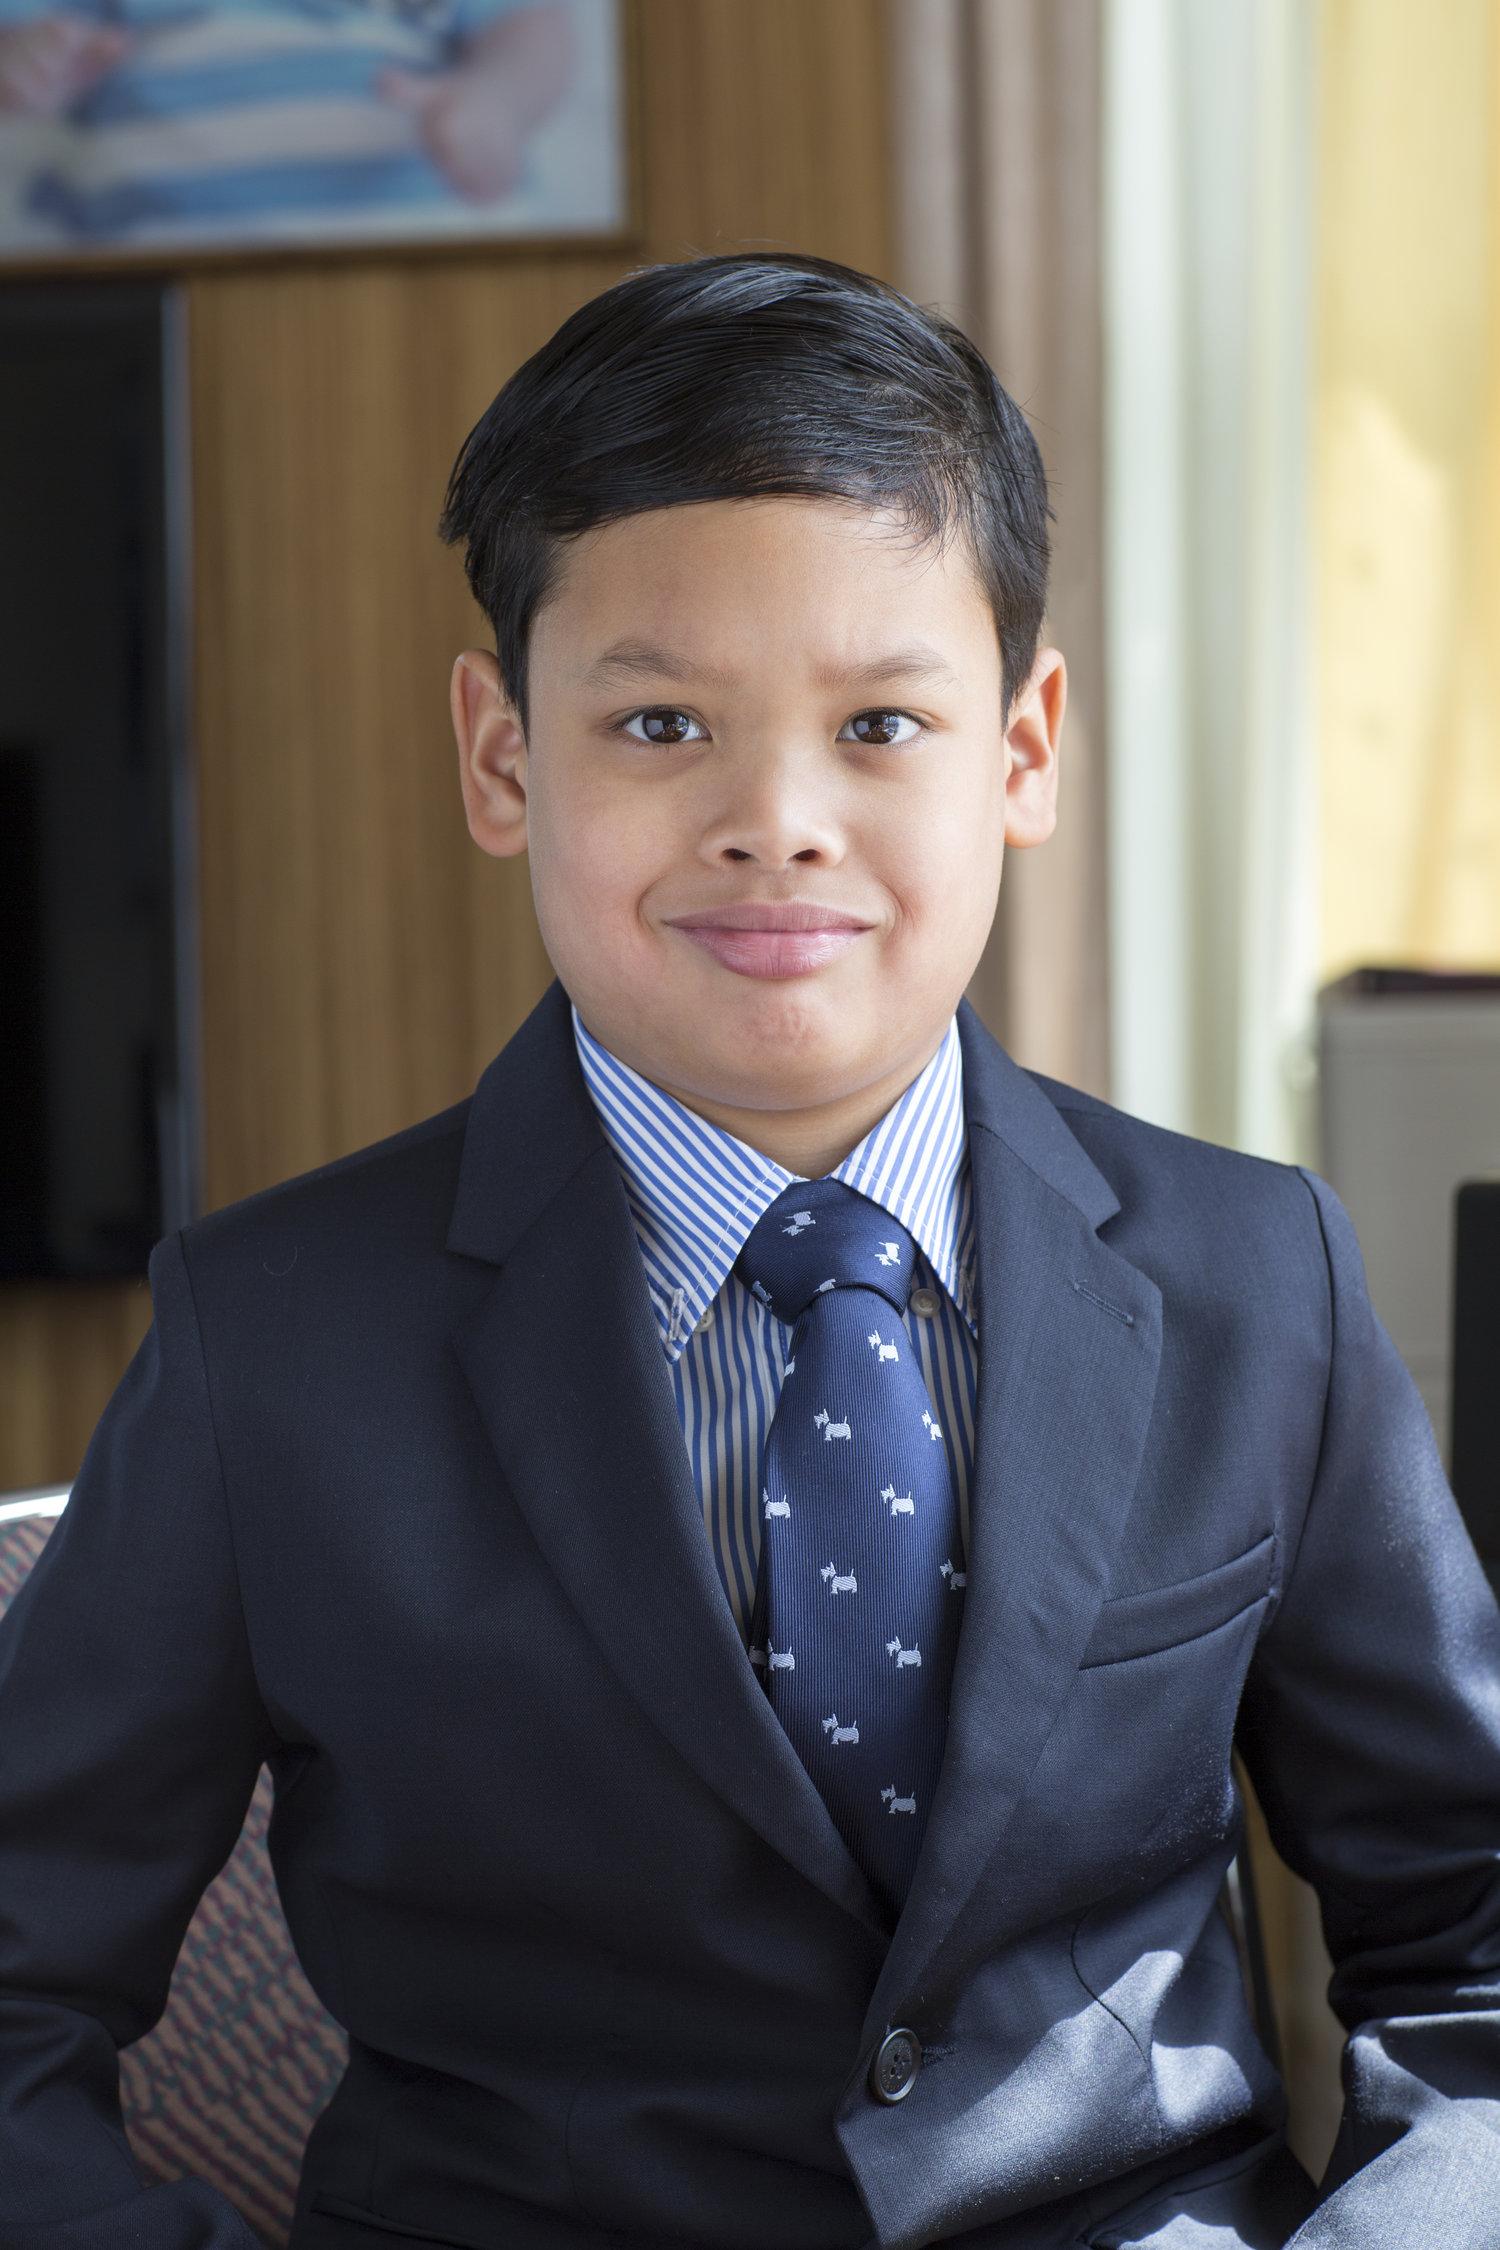 Prinz Dipangkorn ist der einzig legitime Sohn von König Rama und wird vermutlich eines Tages den Thron erben.  ©Public Relations Department of Thailand